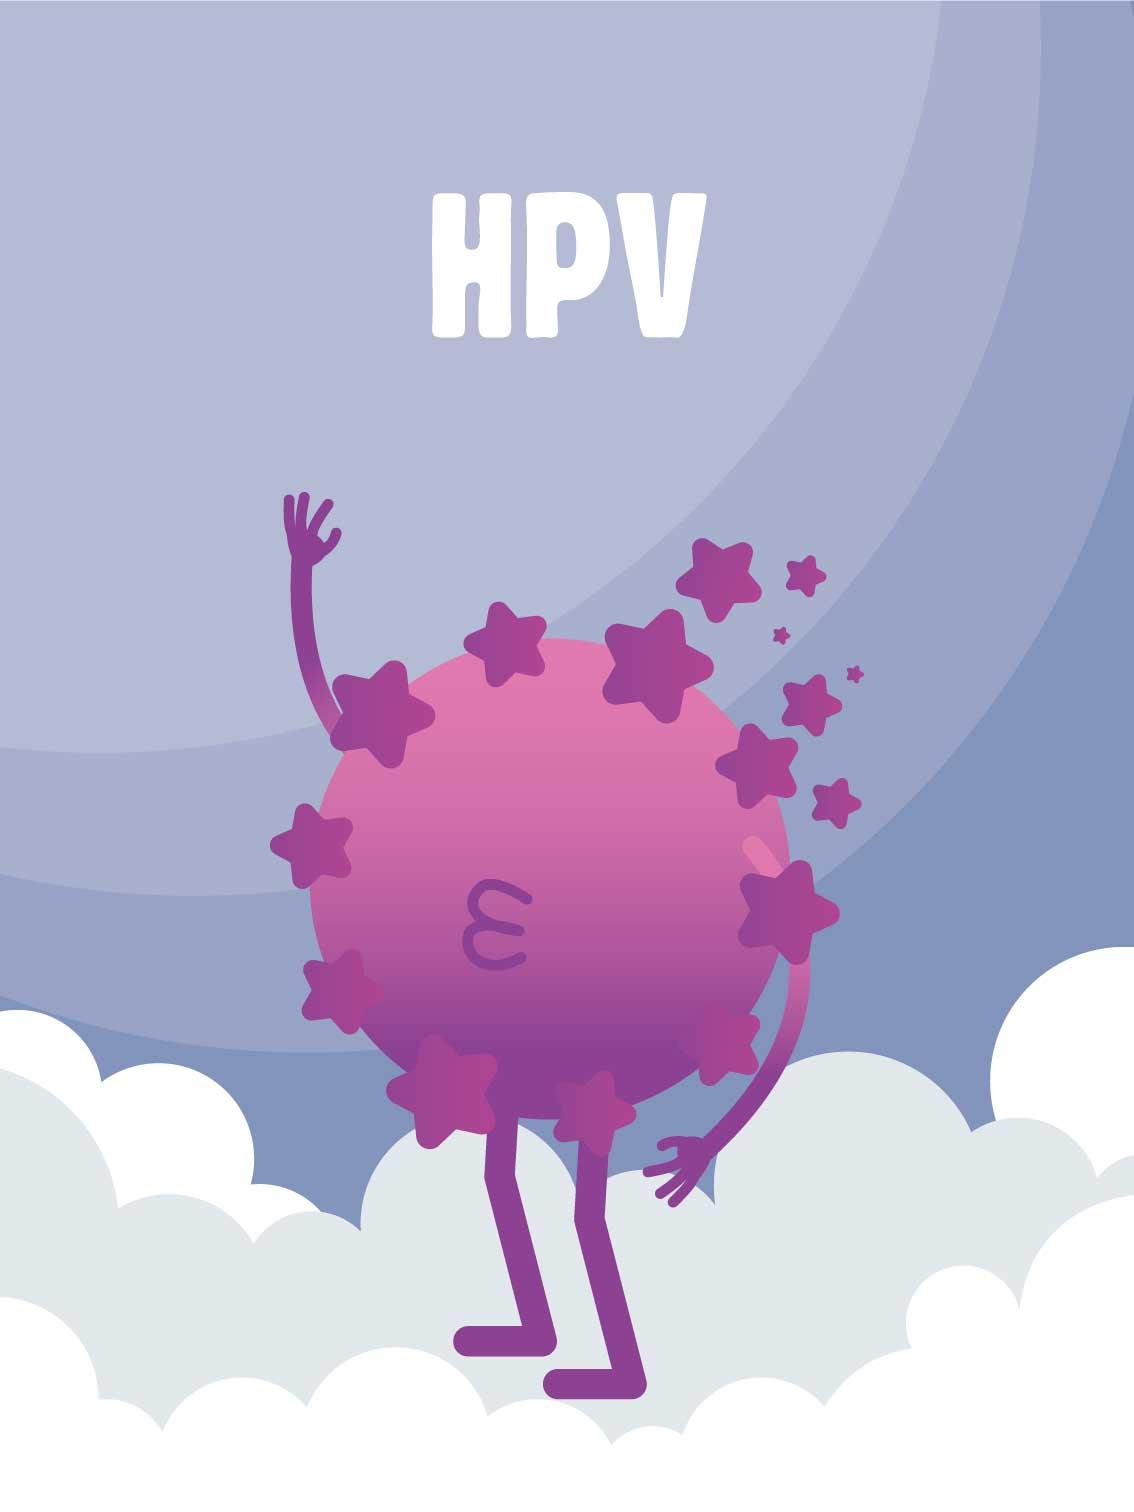 fergus de baie hpv impfung jungen abrechnungsziffer